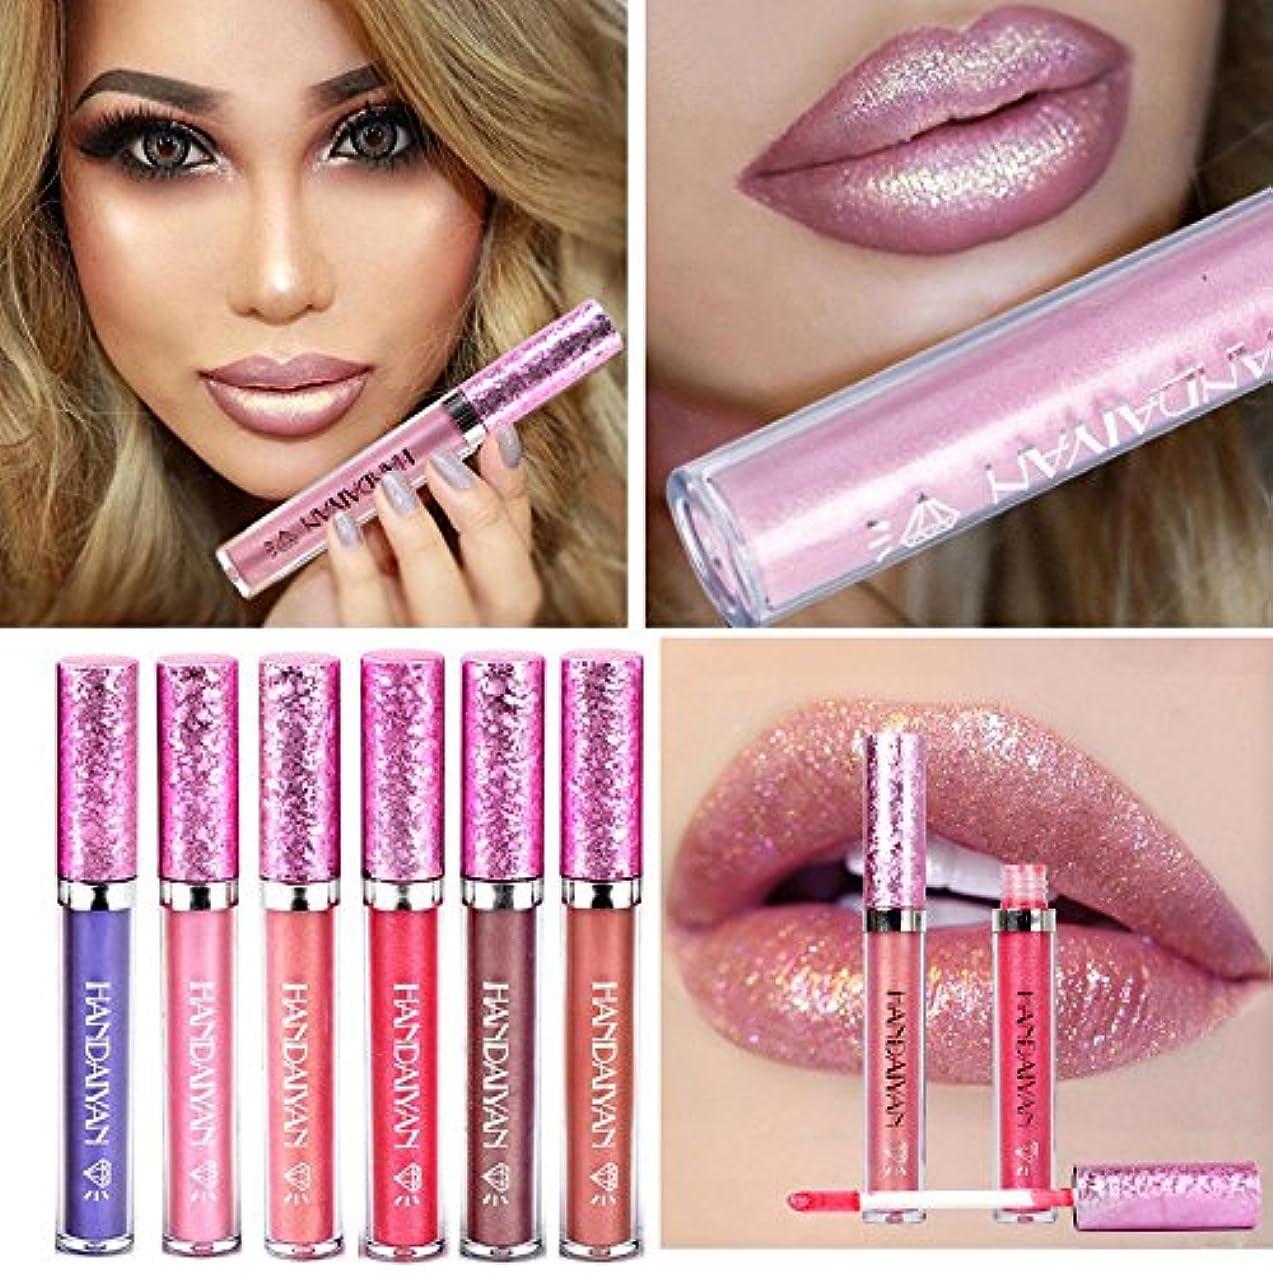 誘惑する絶望的な記者HANDAIYAN Liquid Pearly Glitter Lipsticks Set - 6 pcs Long Lasting Nonstick Lip Gloss Mermaid Waterproof Lipstick...